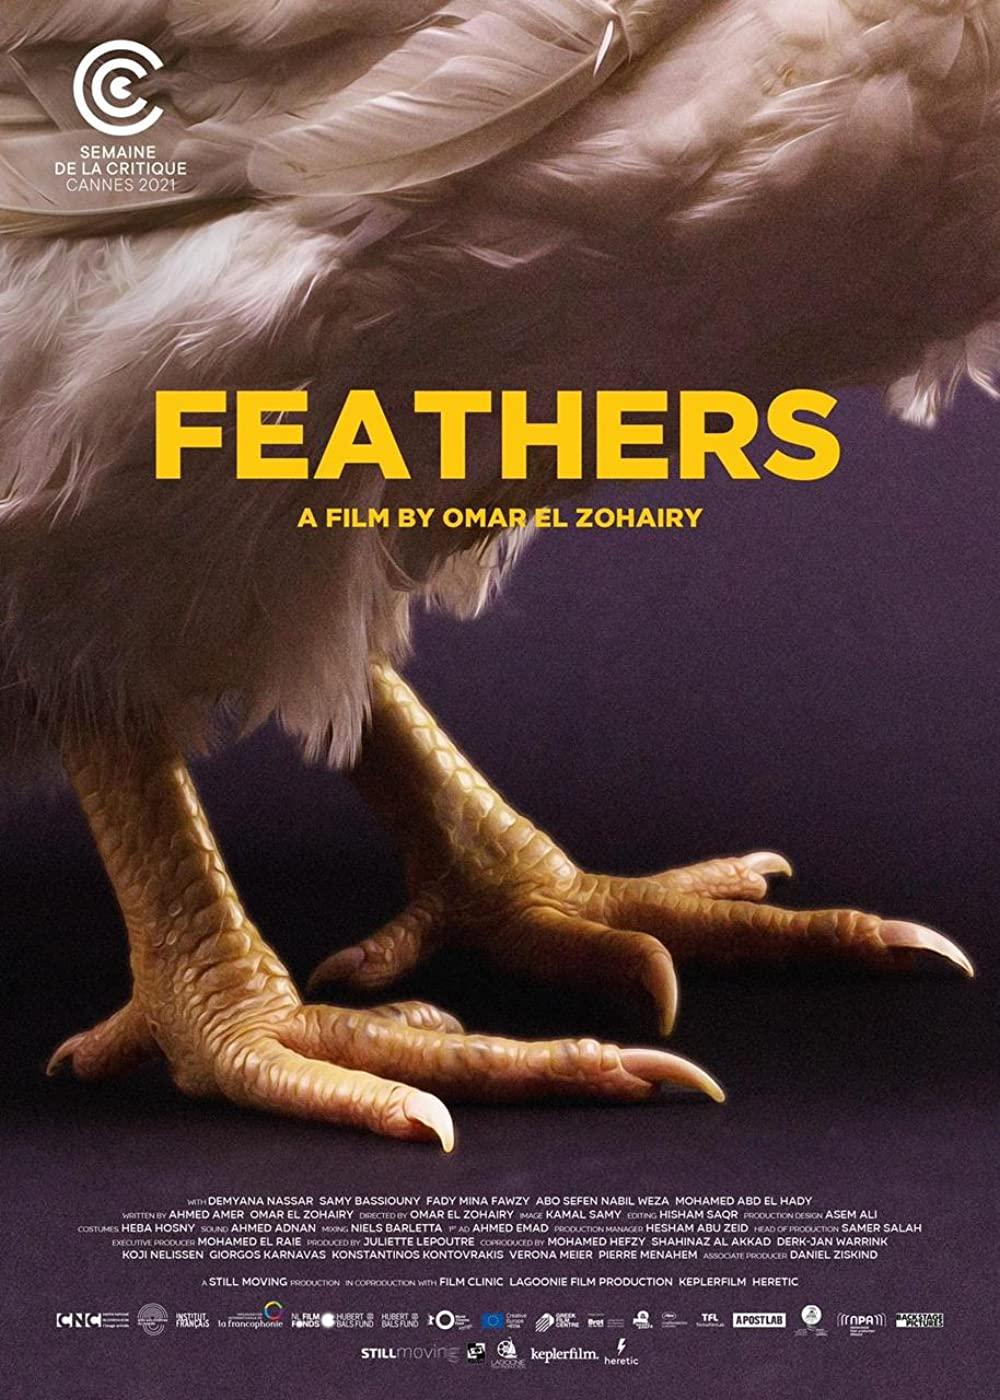 Feathers – Les Films de Cannes a Bucarest 2021